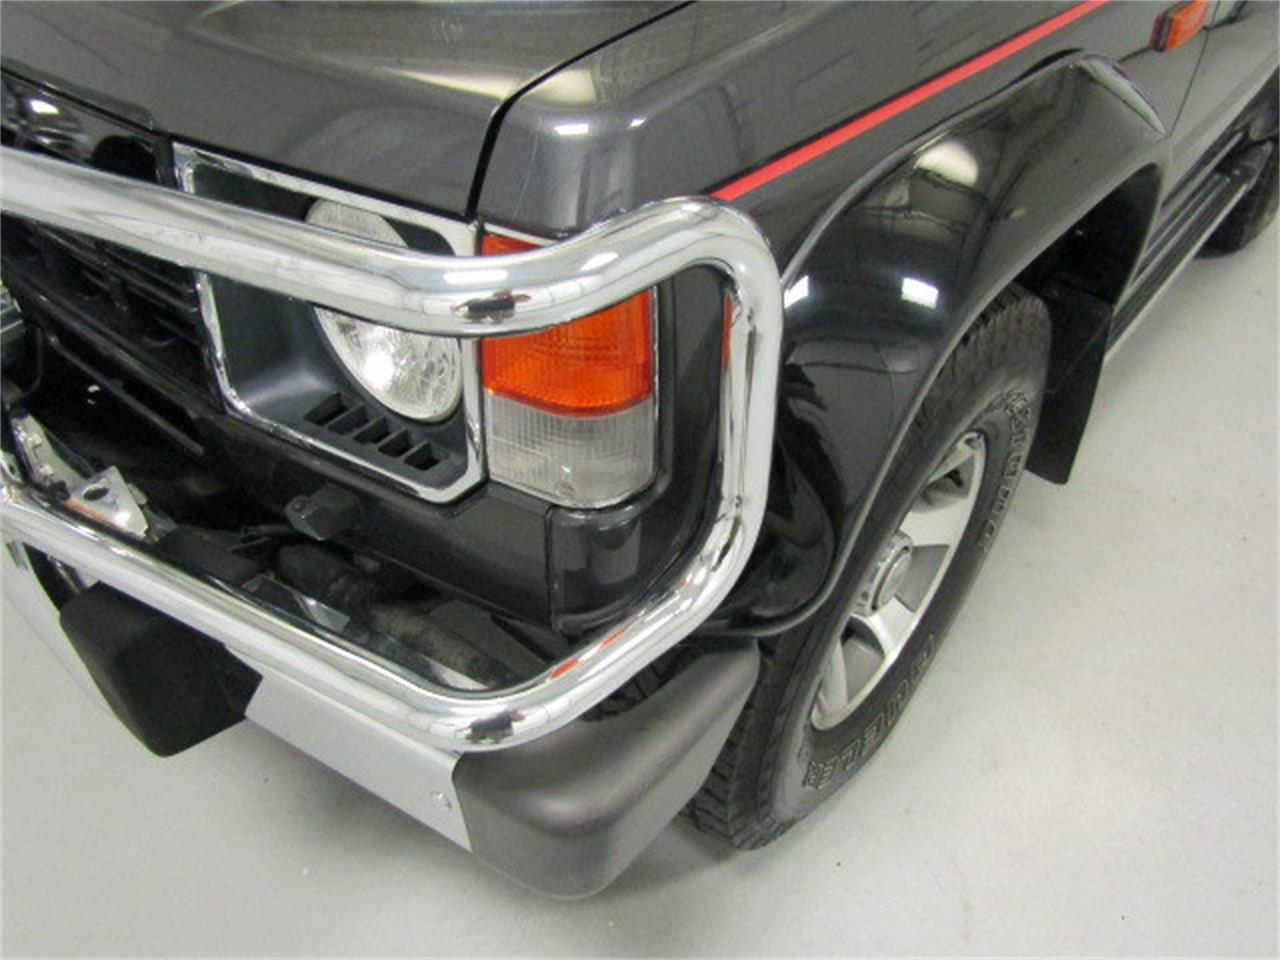 Large Picture of '89 Mitsubishi Pajero located in Virginia - $8,900.00 - LI1X